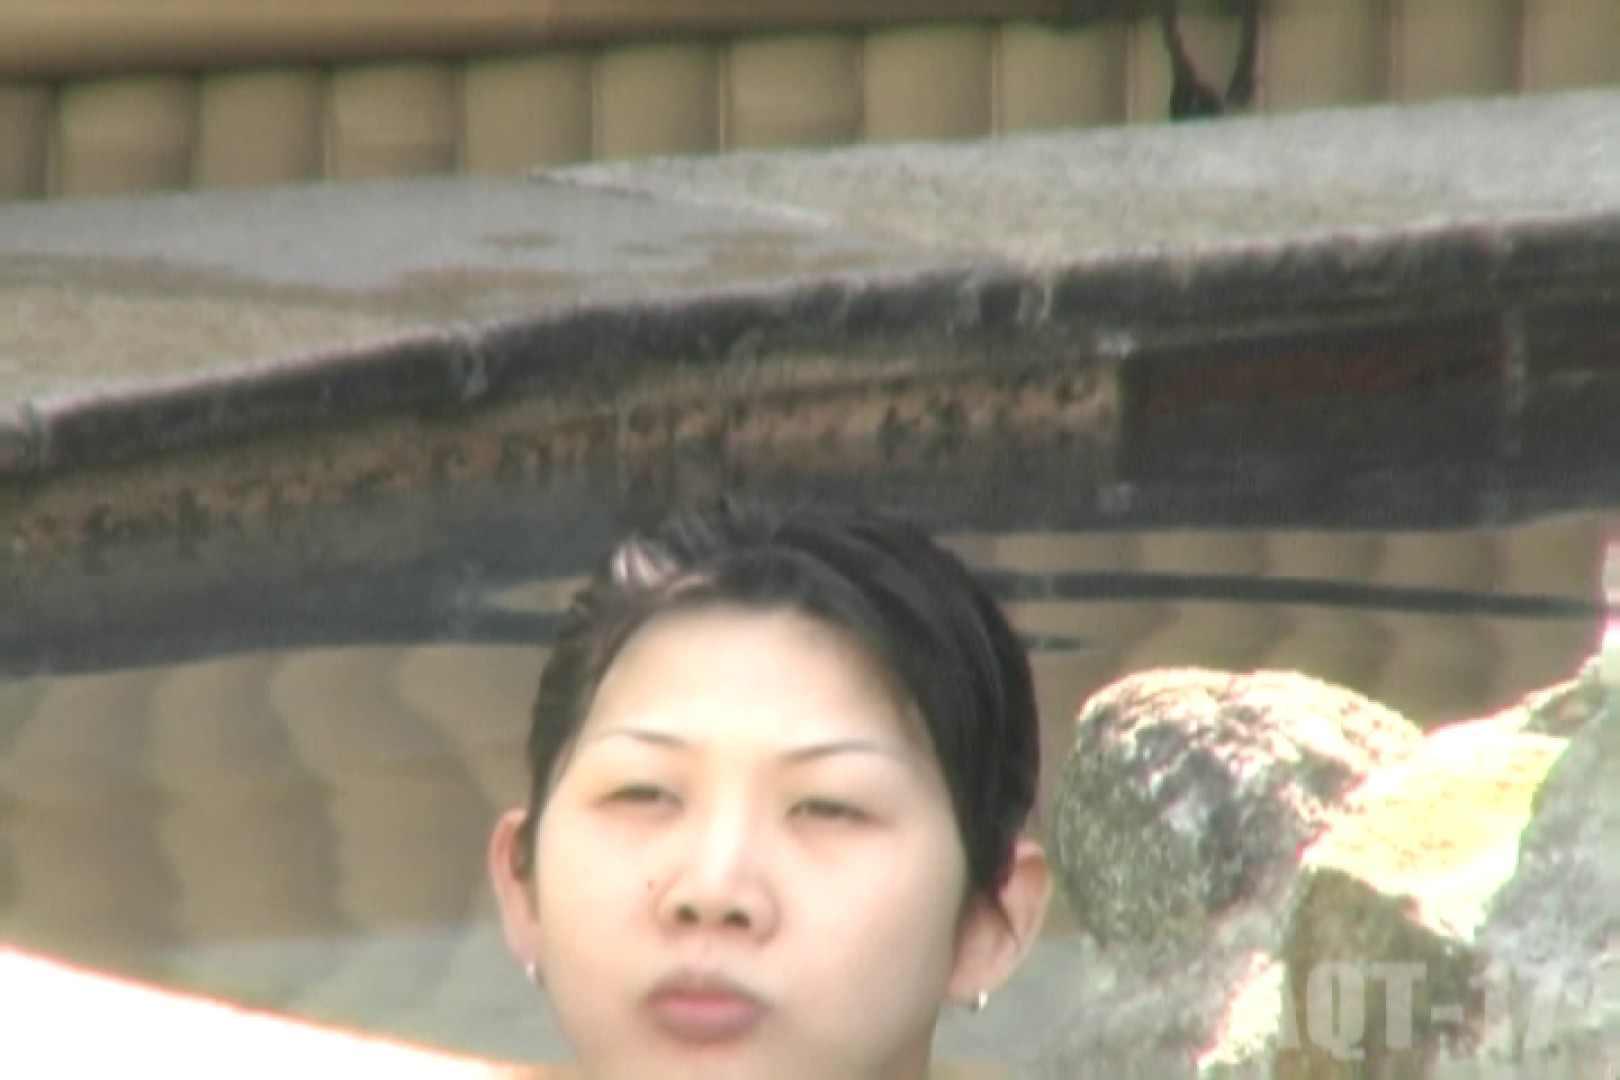 Aquaな露天風呂Vol.850 OLのエロ生活  76連発 24